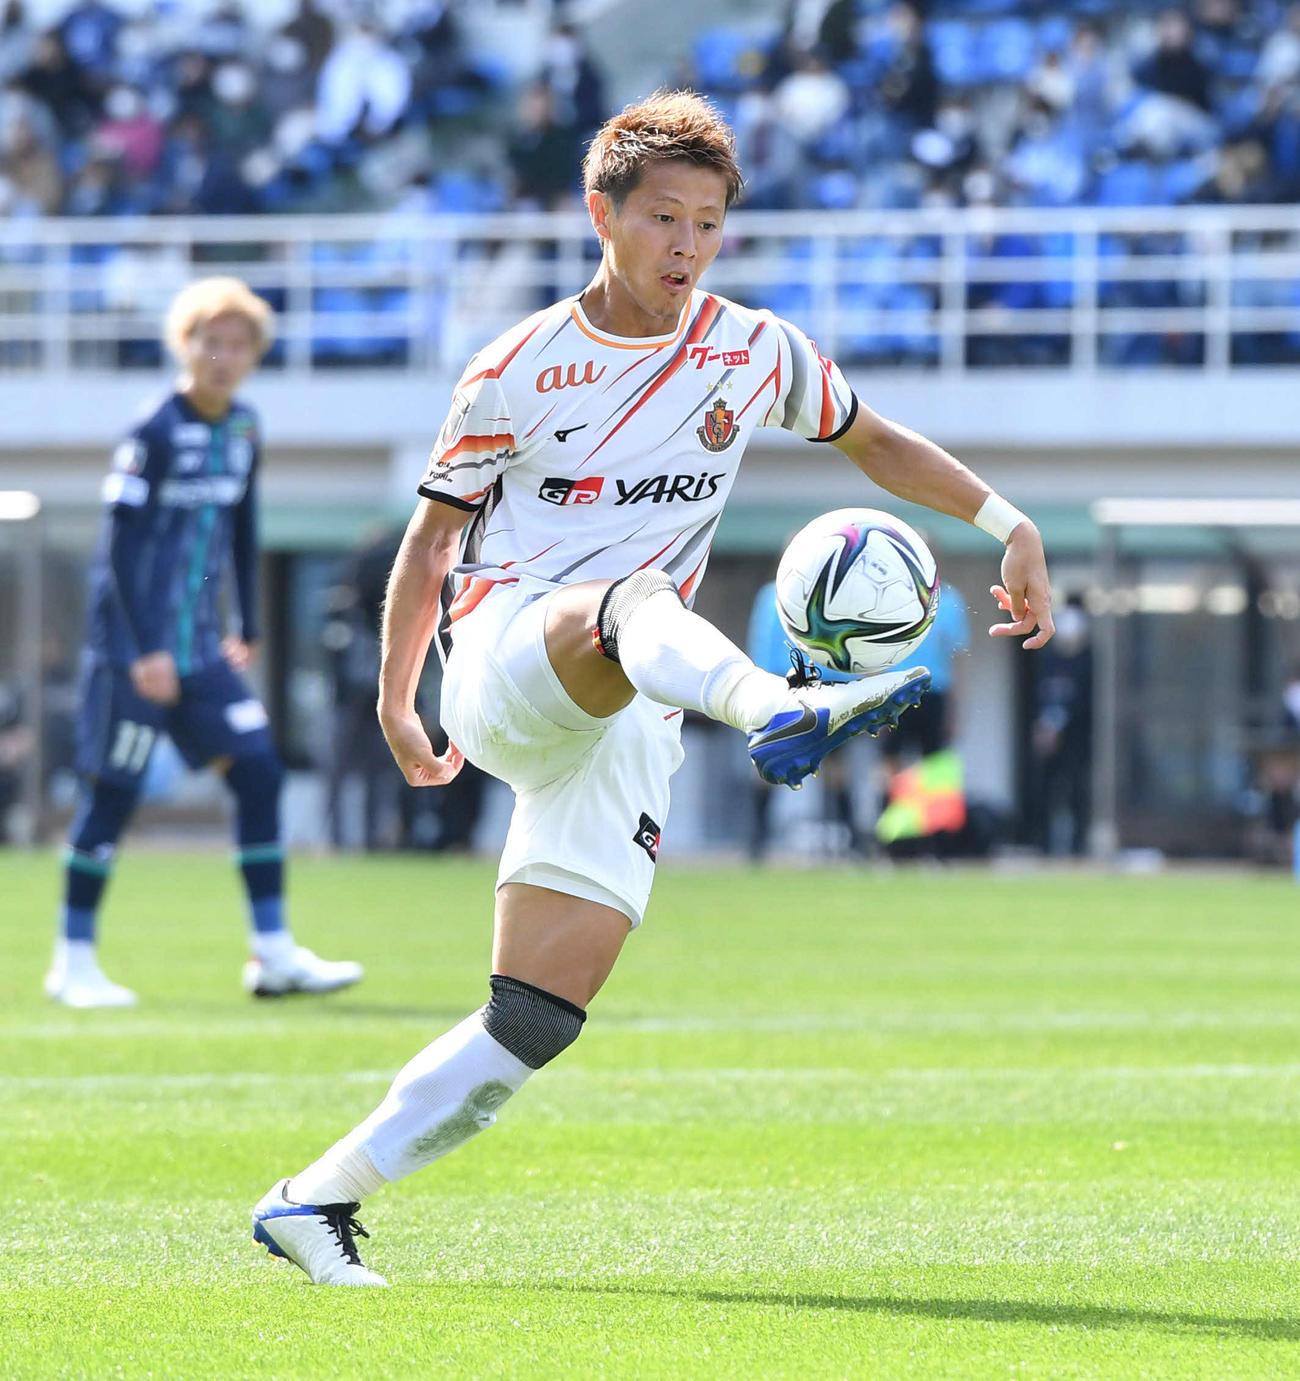 福岡対名古屋 前半、ペナルティーエリアでパスを受ける名古屋MF柿谷(撮影・岩下翔太)